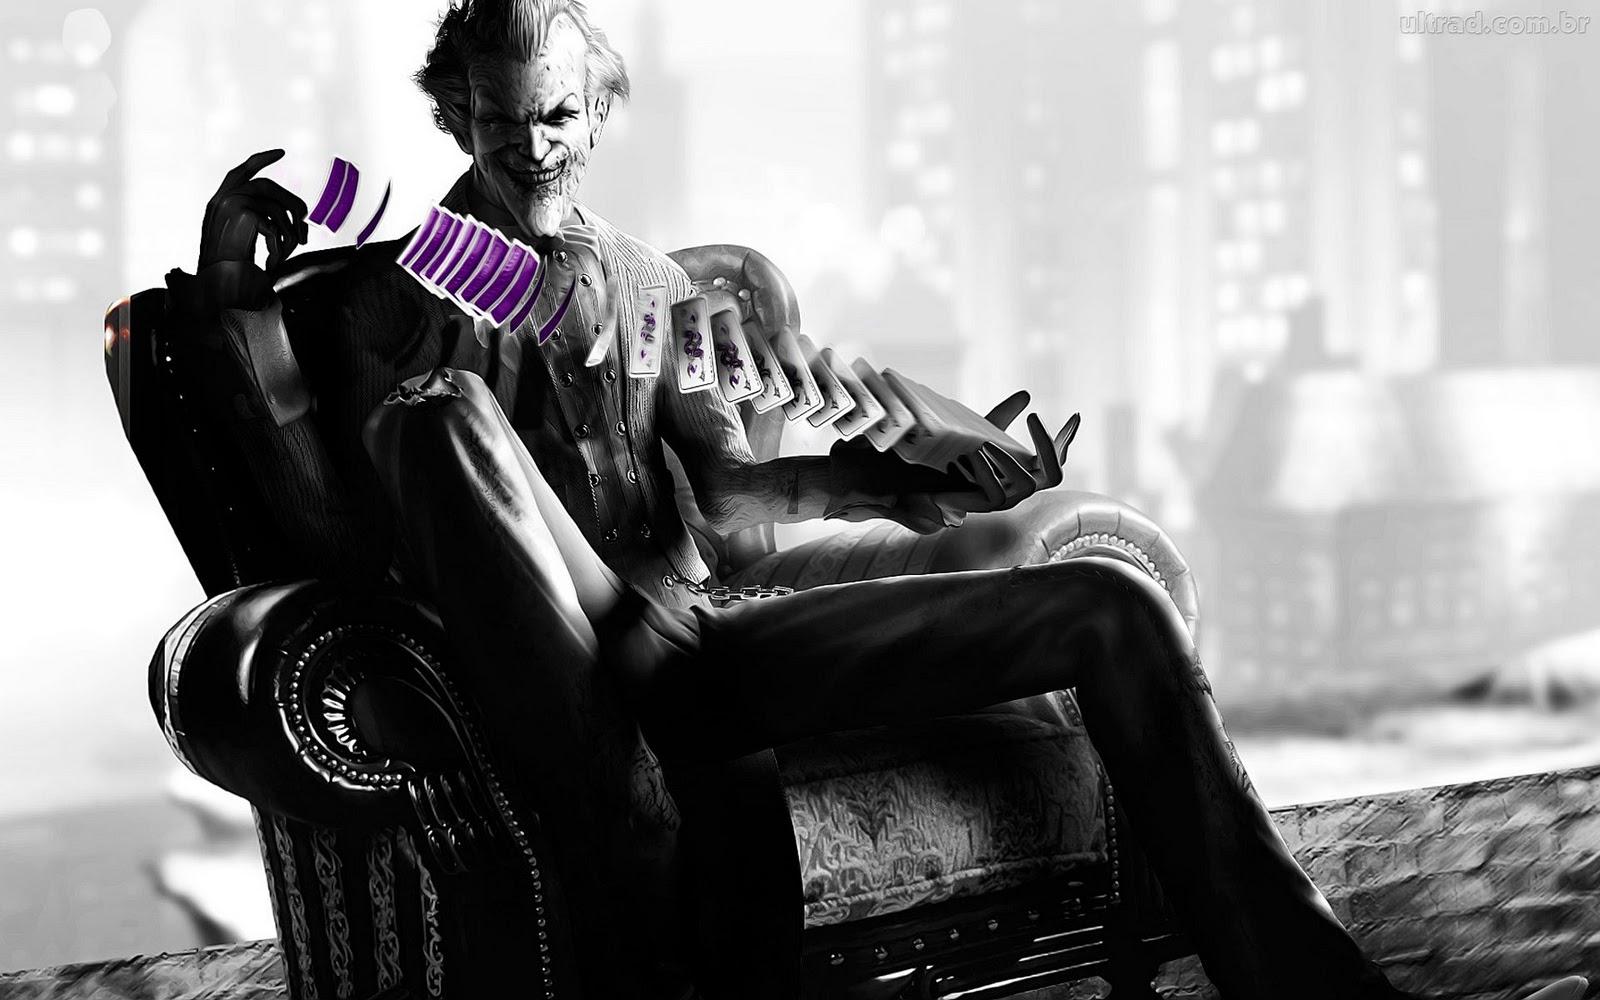 http://2.bp.blogspot.com/-i2cwiWsXRm4/TuX8DC9x3BI/AAAAAAAAANc/FMkrnr8tlwg/s1600/275344_Papel-de-Parede-Coringa-Batman-Arkham-City_1920x1200.jpg